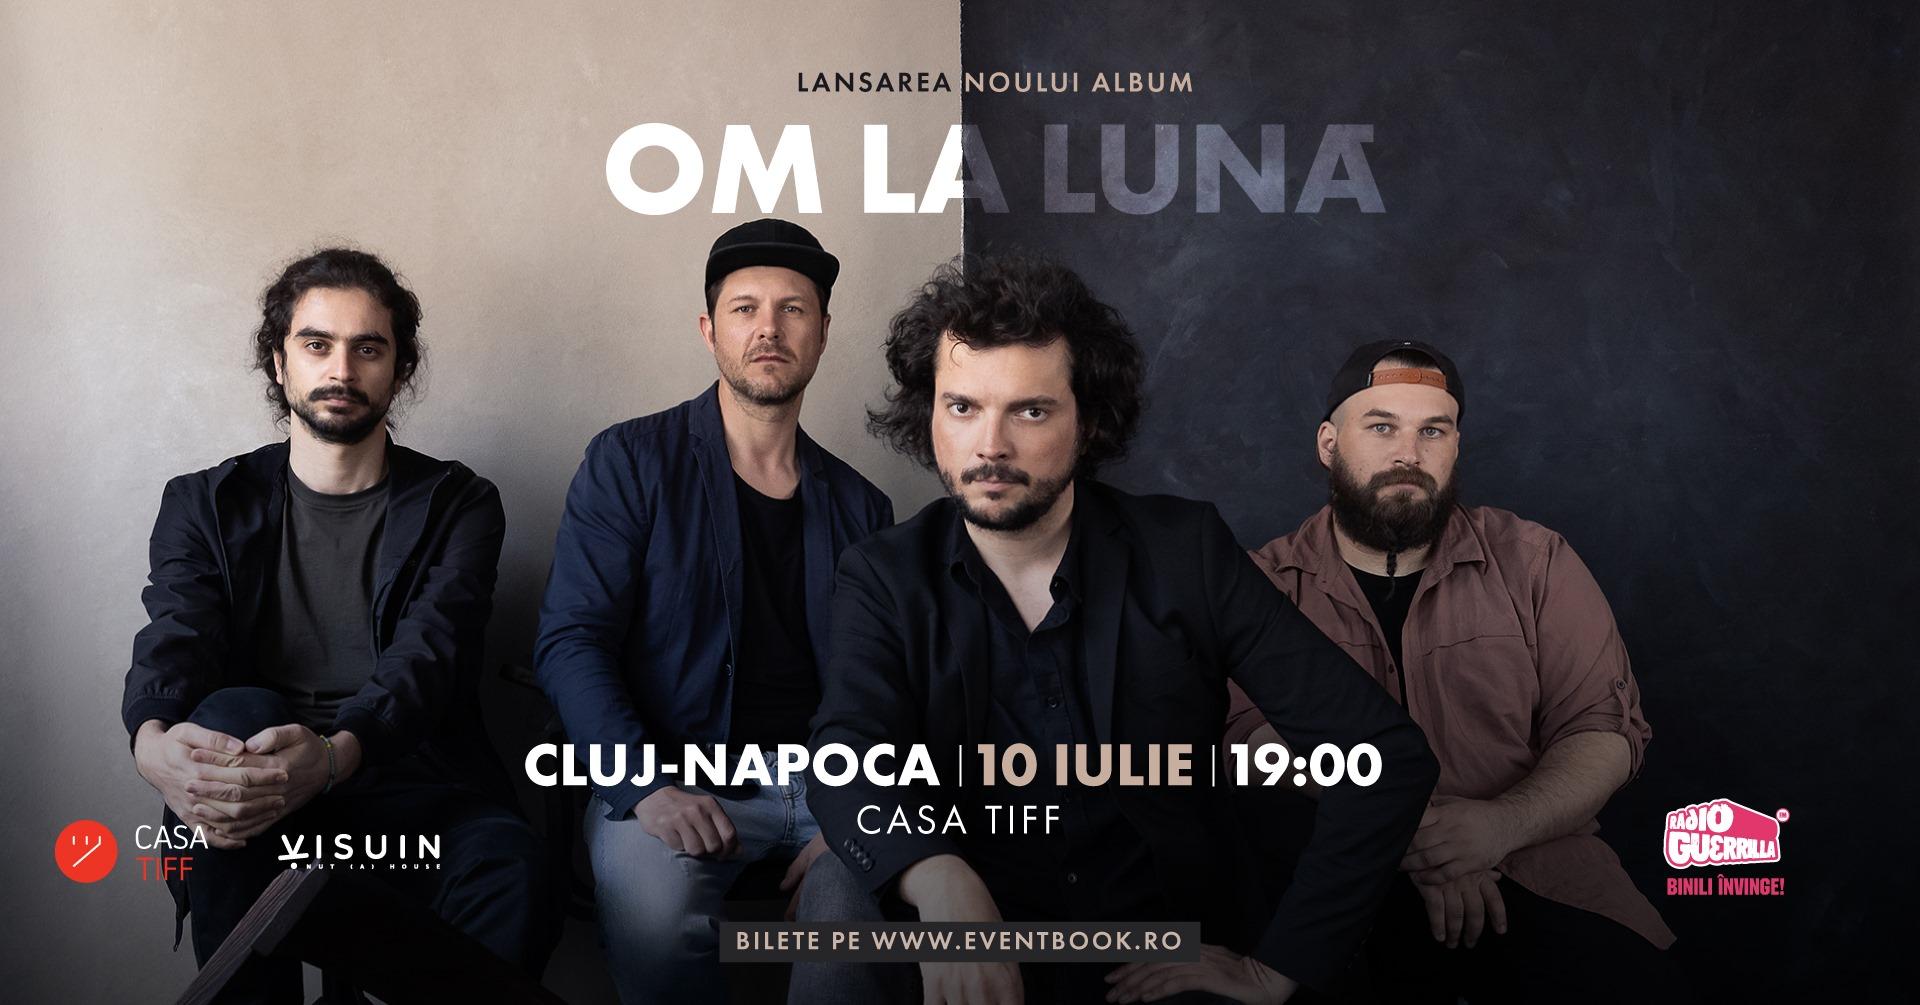 OM LA LUNĂ LANSAREA NOULUI ALBUM Cluj - Casa TIFF